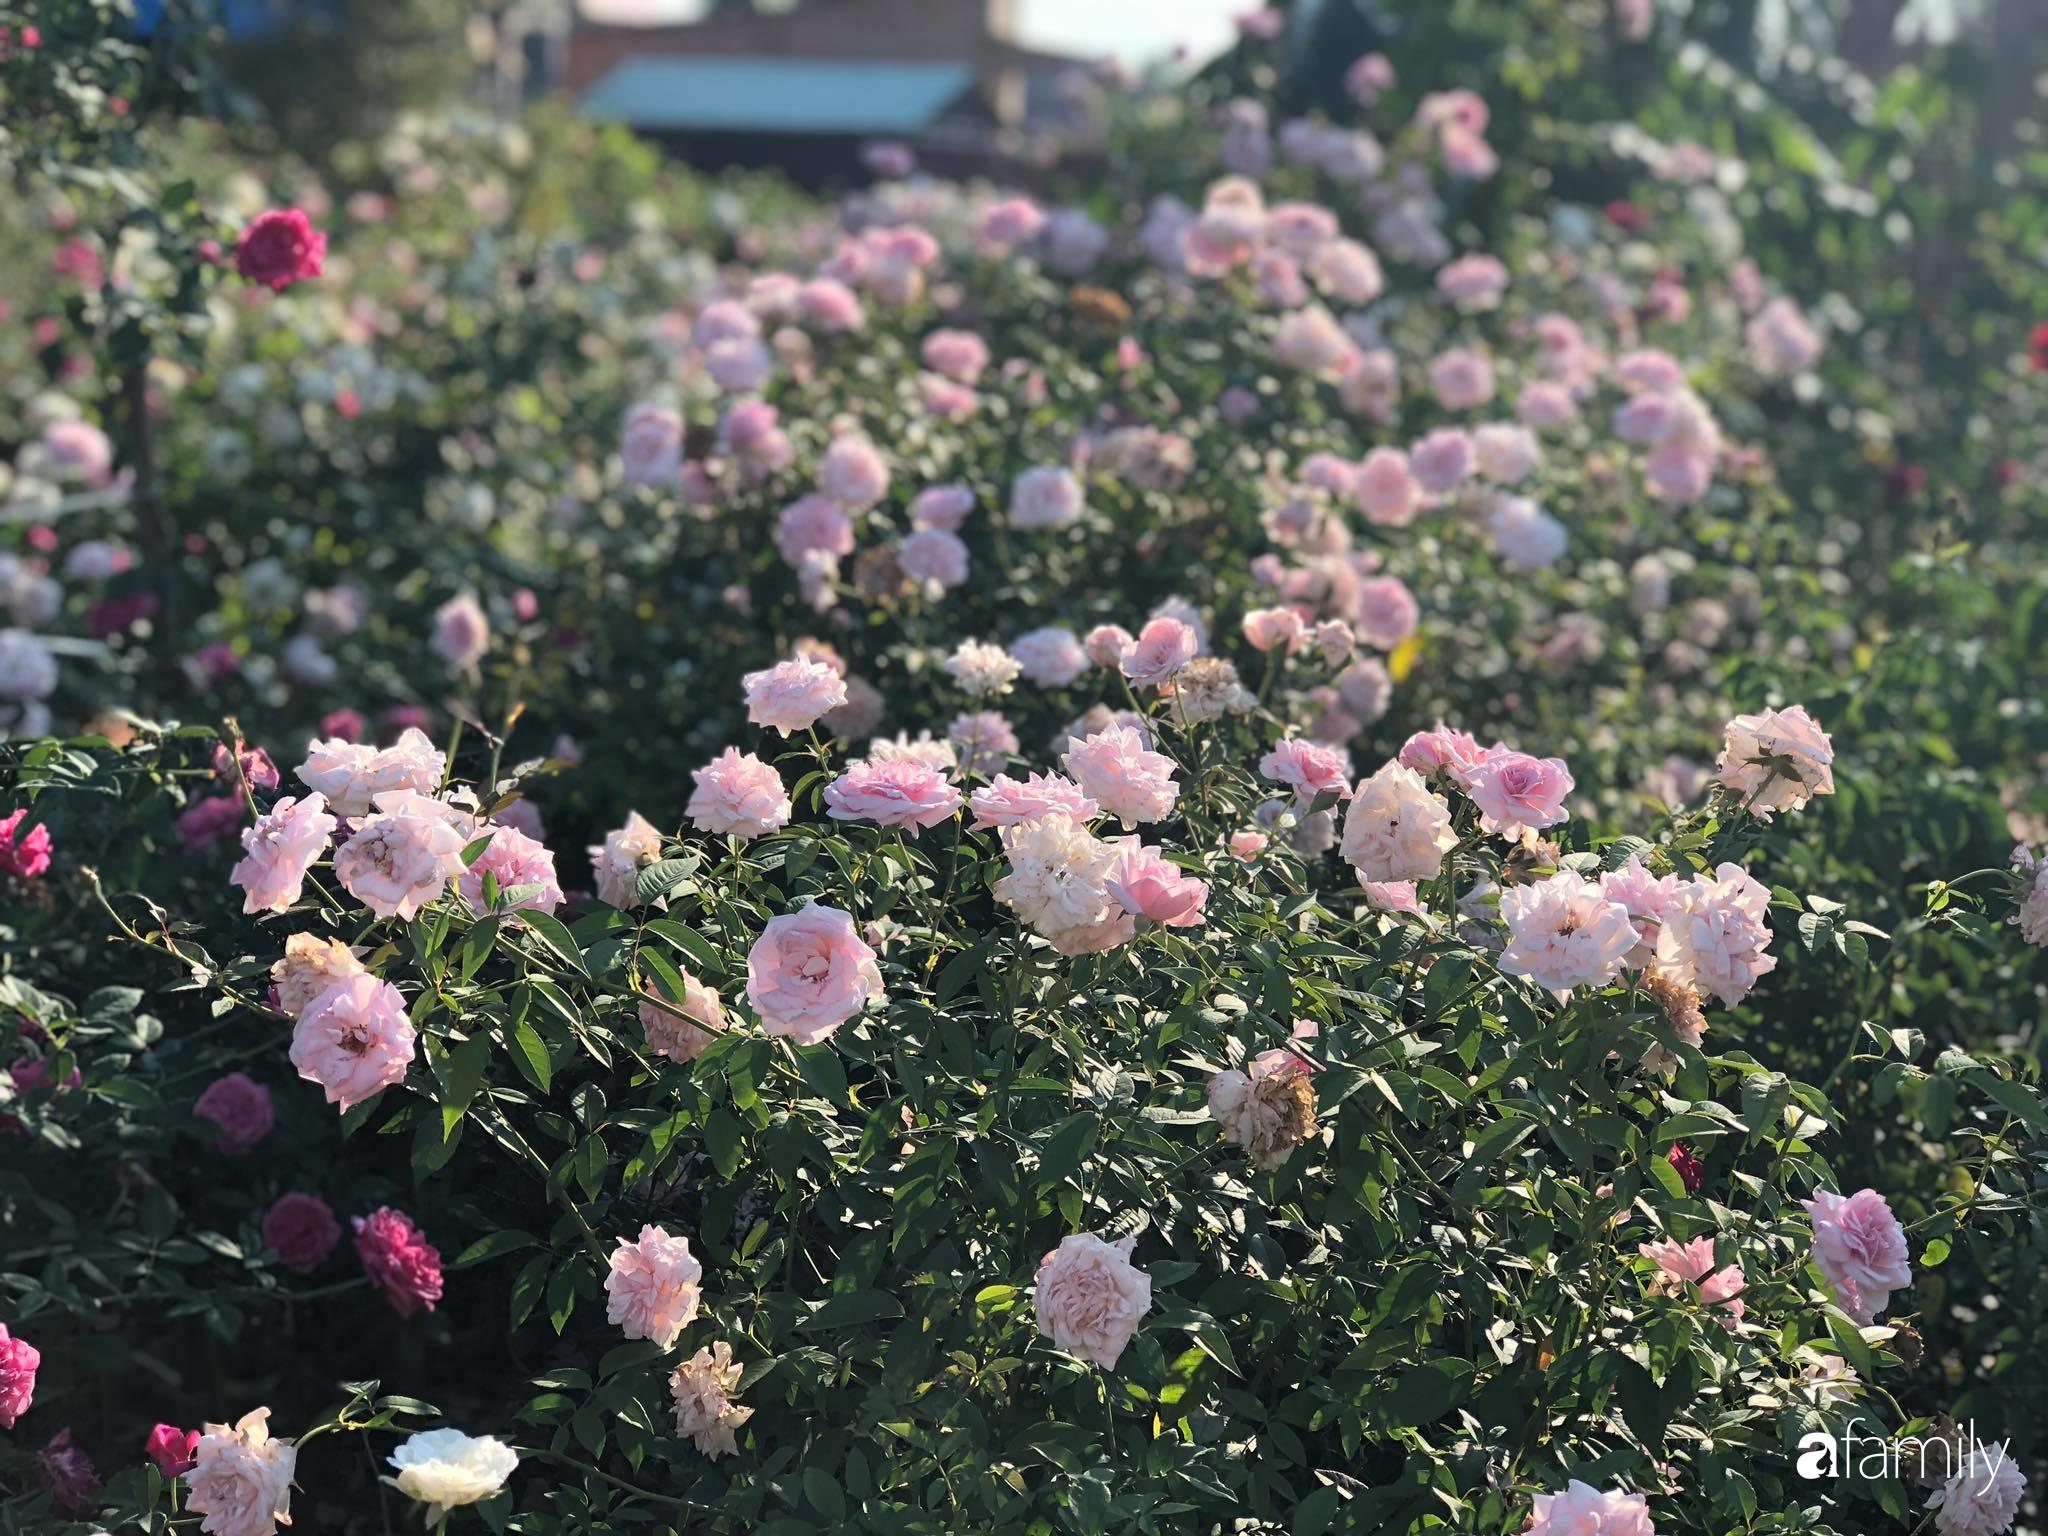 Khu vườn hoa hồng đẹp như cổ tích mà người chồng ngày đêm chăm sóc để tặng vợ con ở Vũng Tàu-31